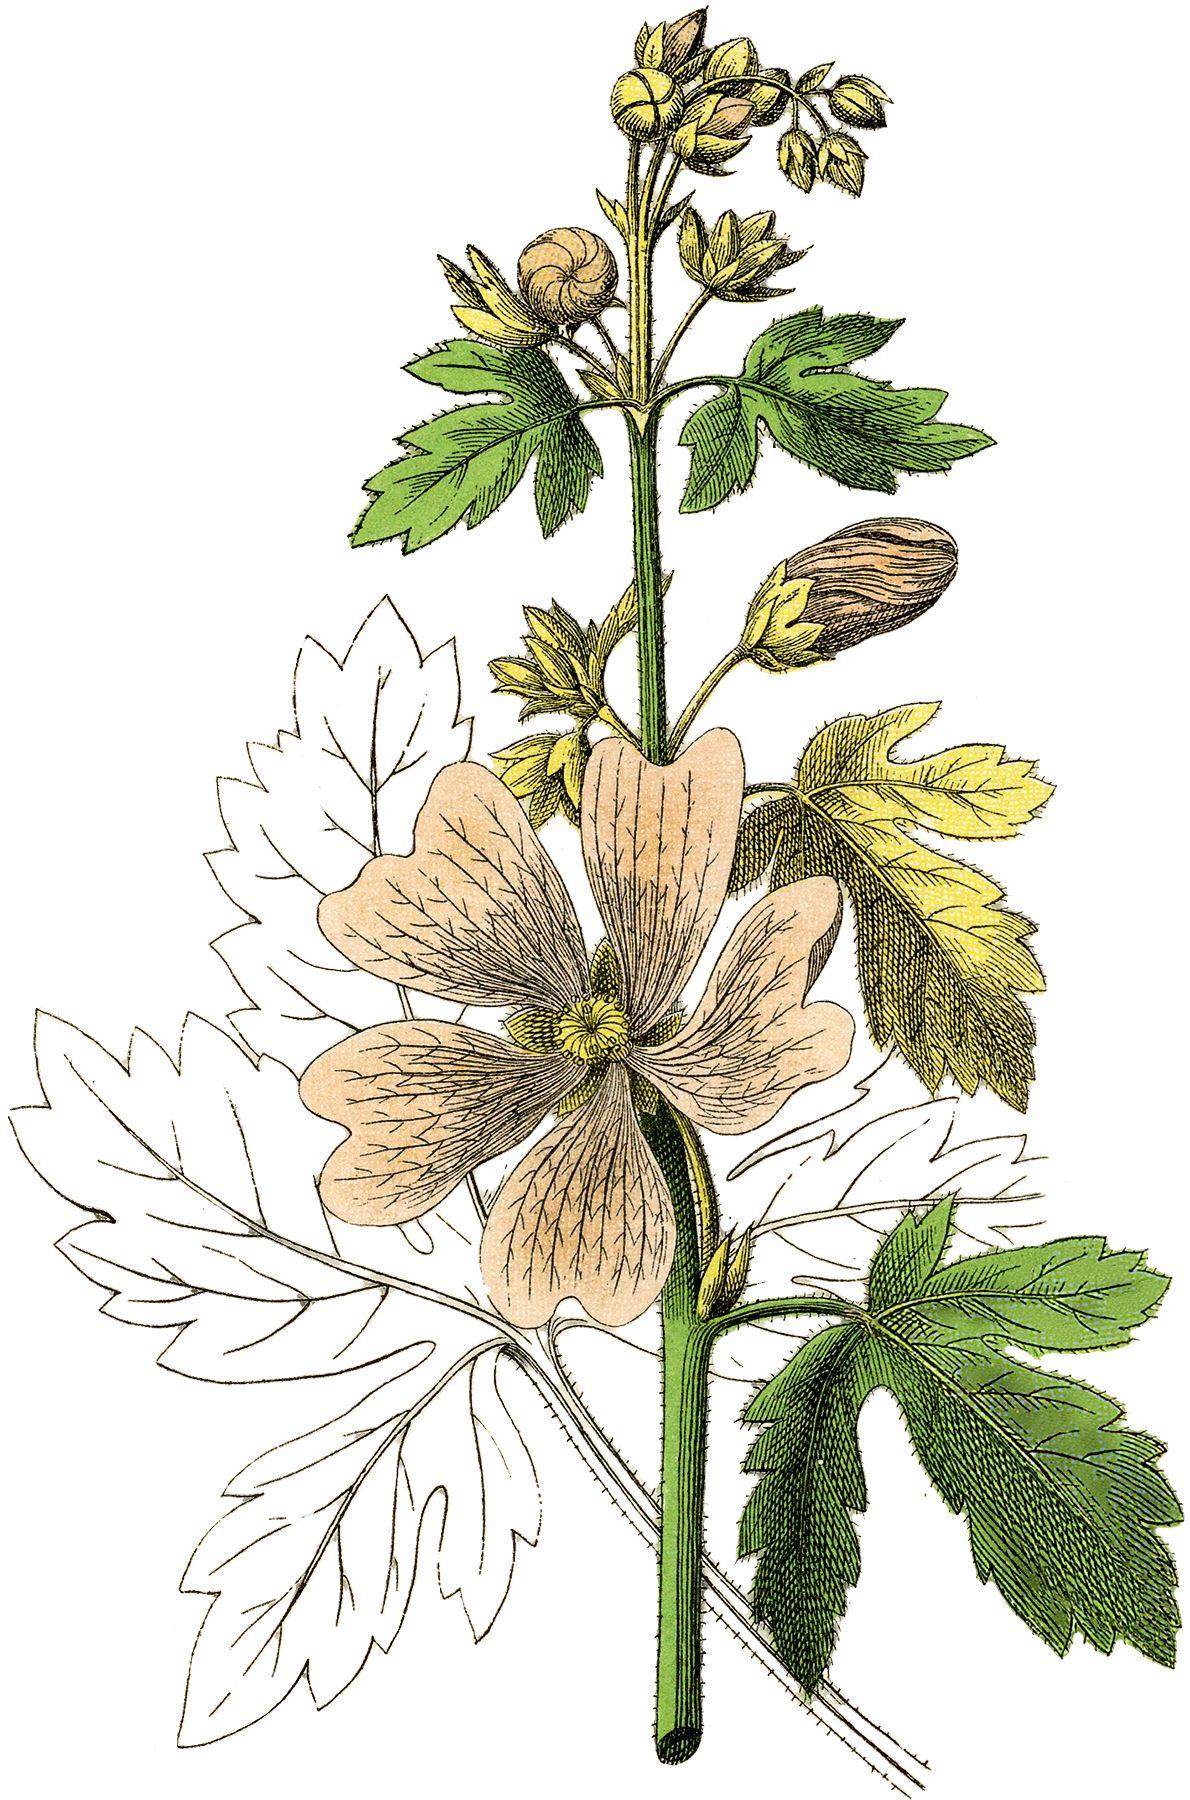 Pink Botanical Flower Image | Vintage Artwork | Botanical ...